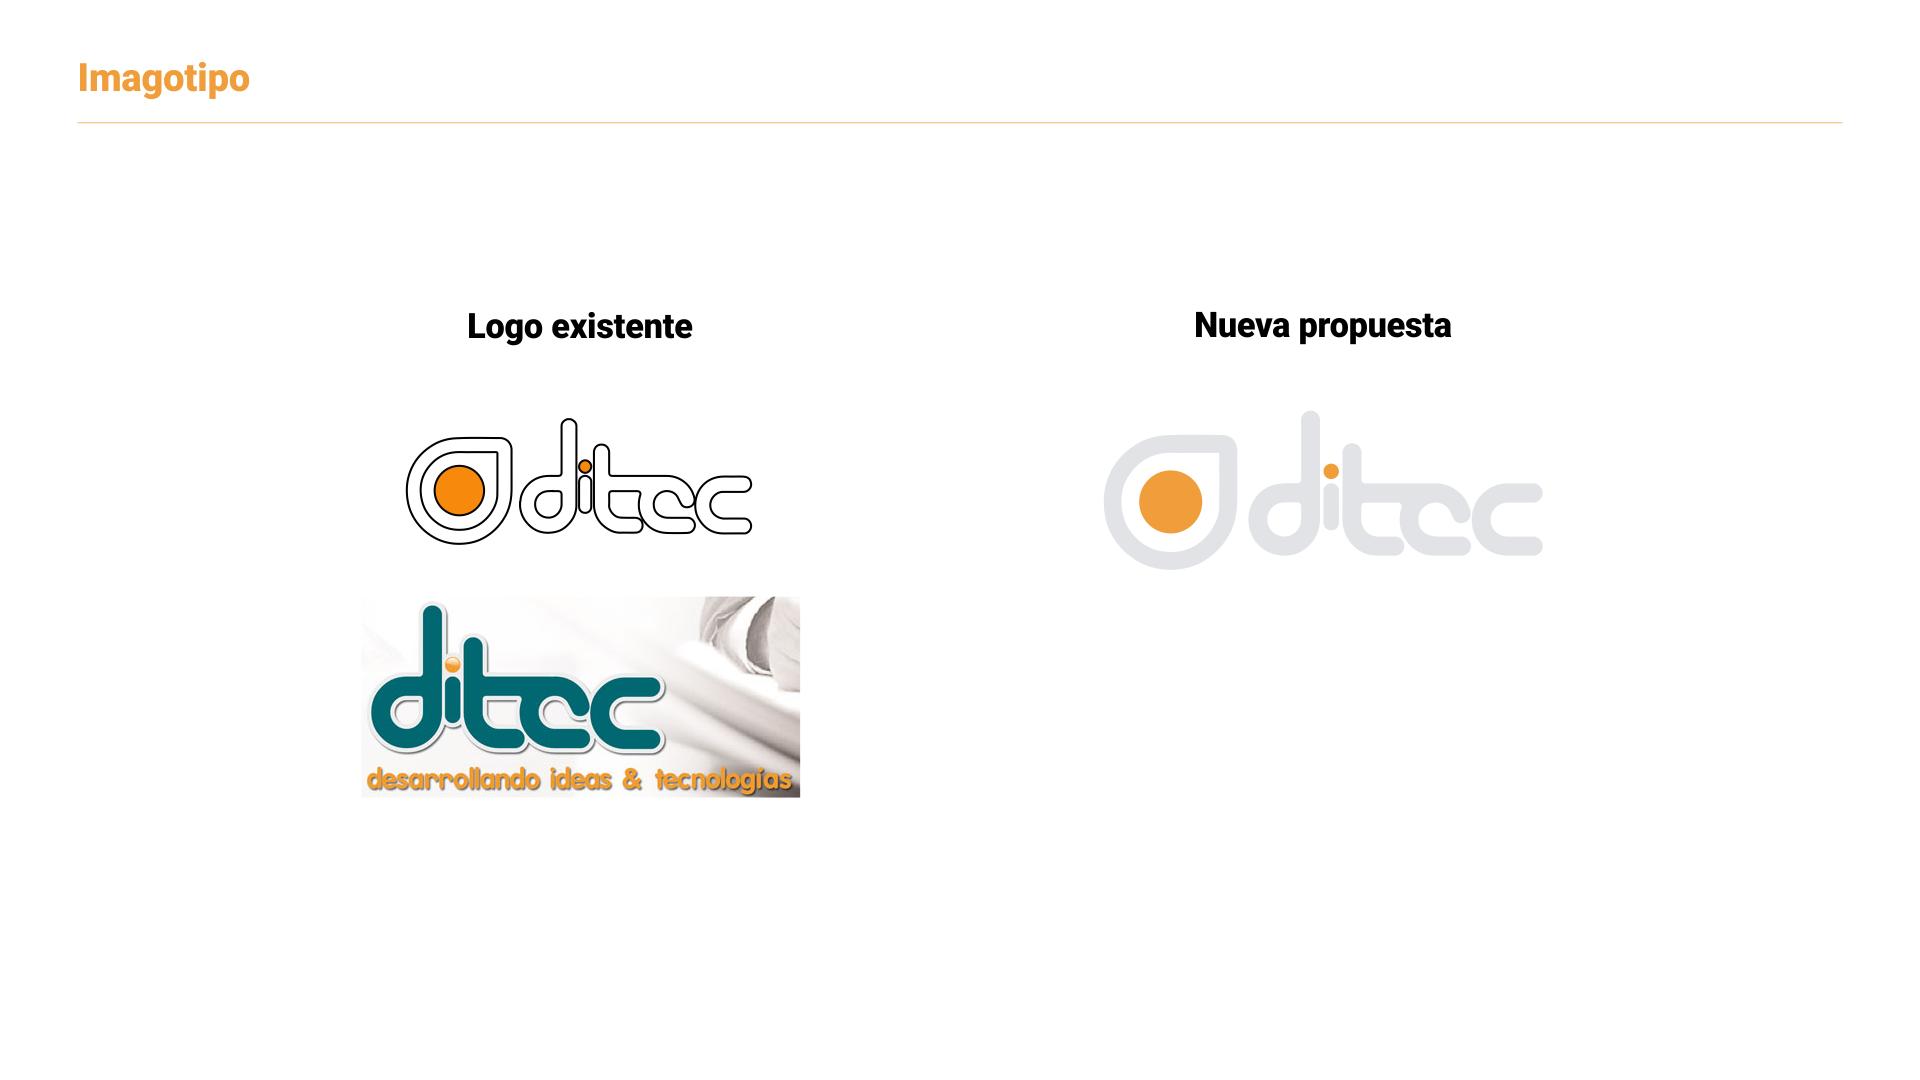 Desarrollo de marca para Ditec - logotipos anteriores vs nueva propuesta